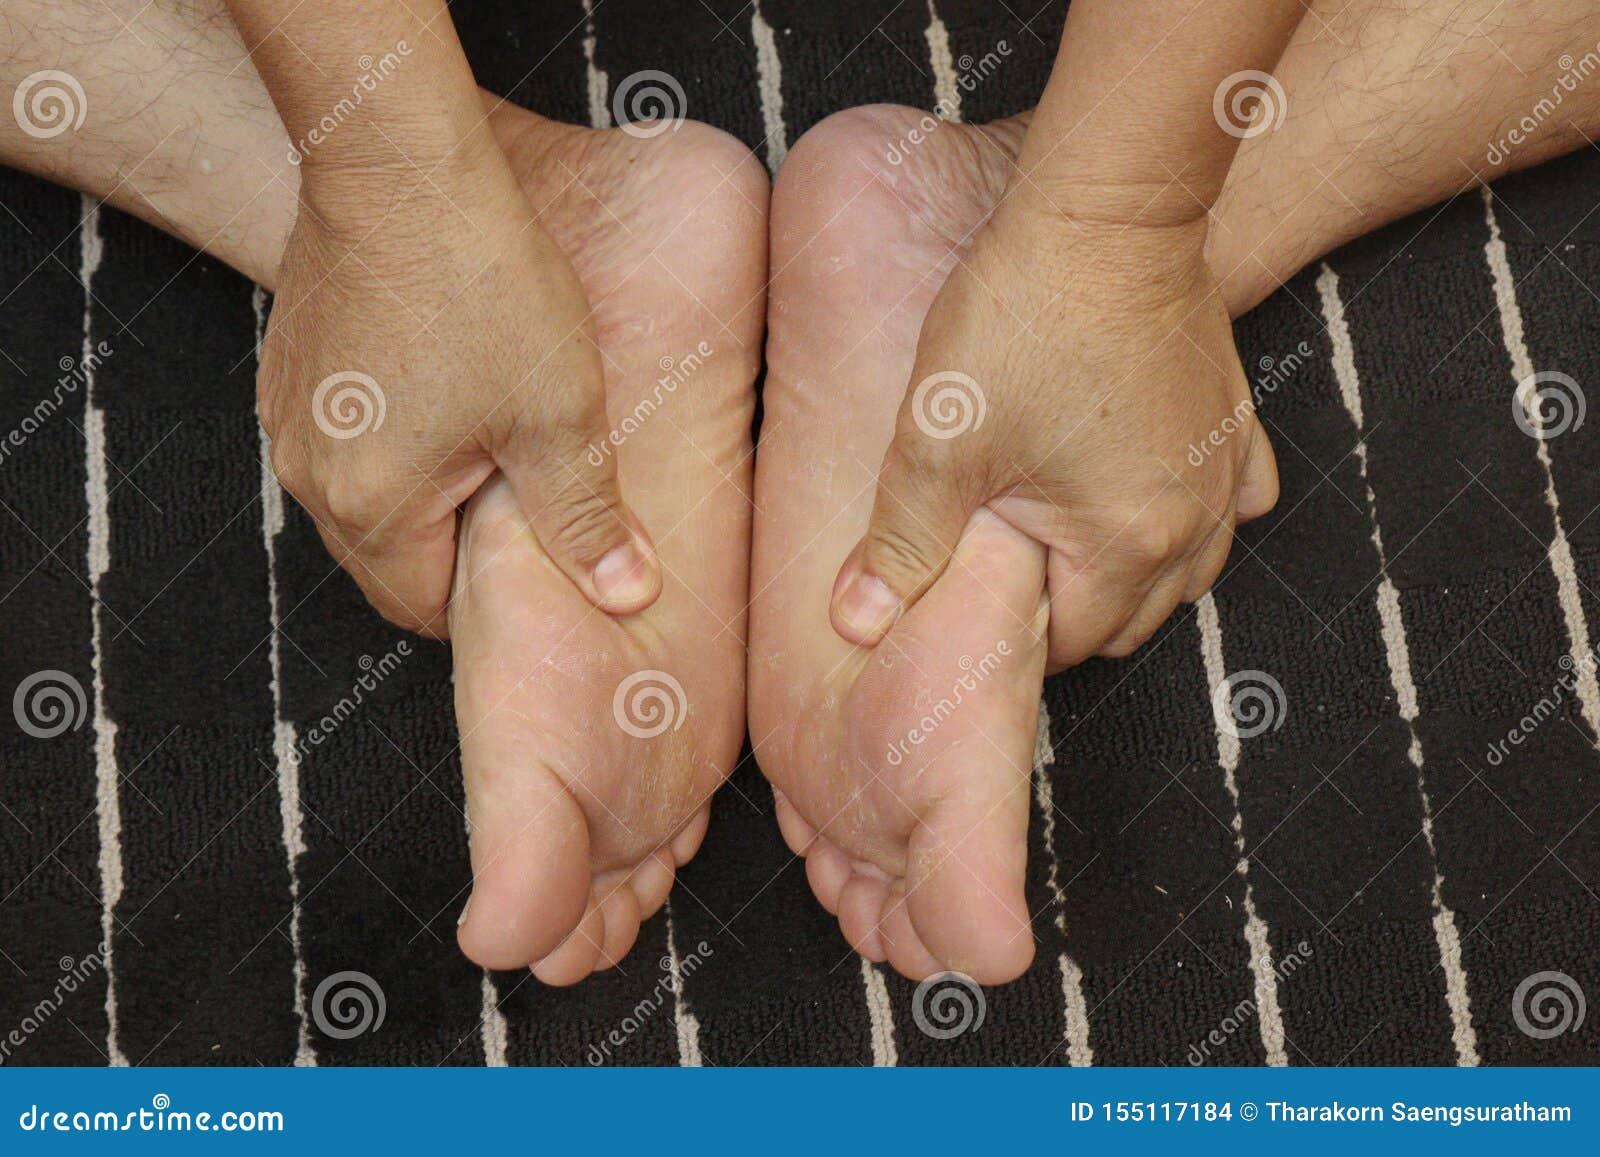 Het behandelen van verwondingen aan de voeten en been met de duw van een vinger volgens trucs van traditionele Thaise massage